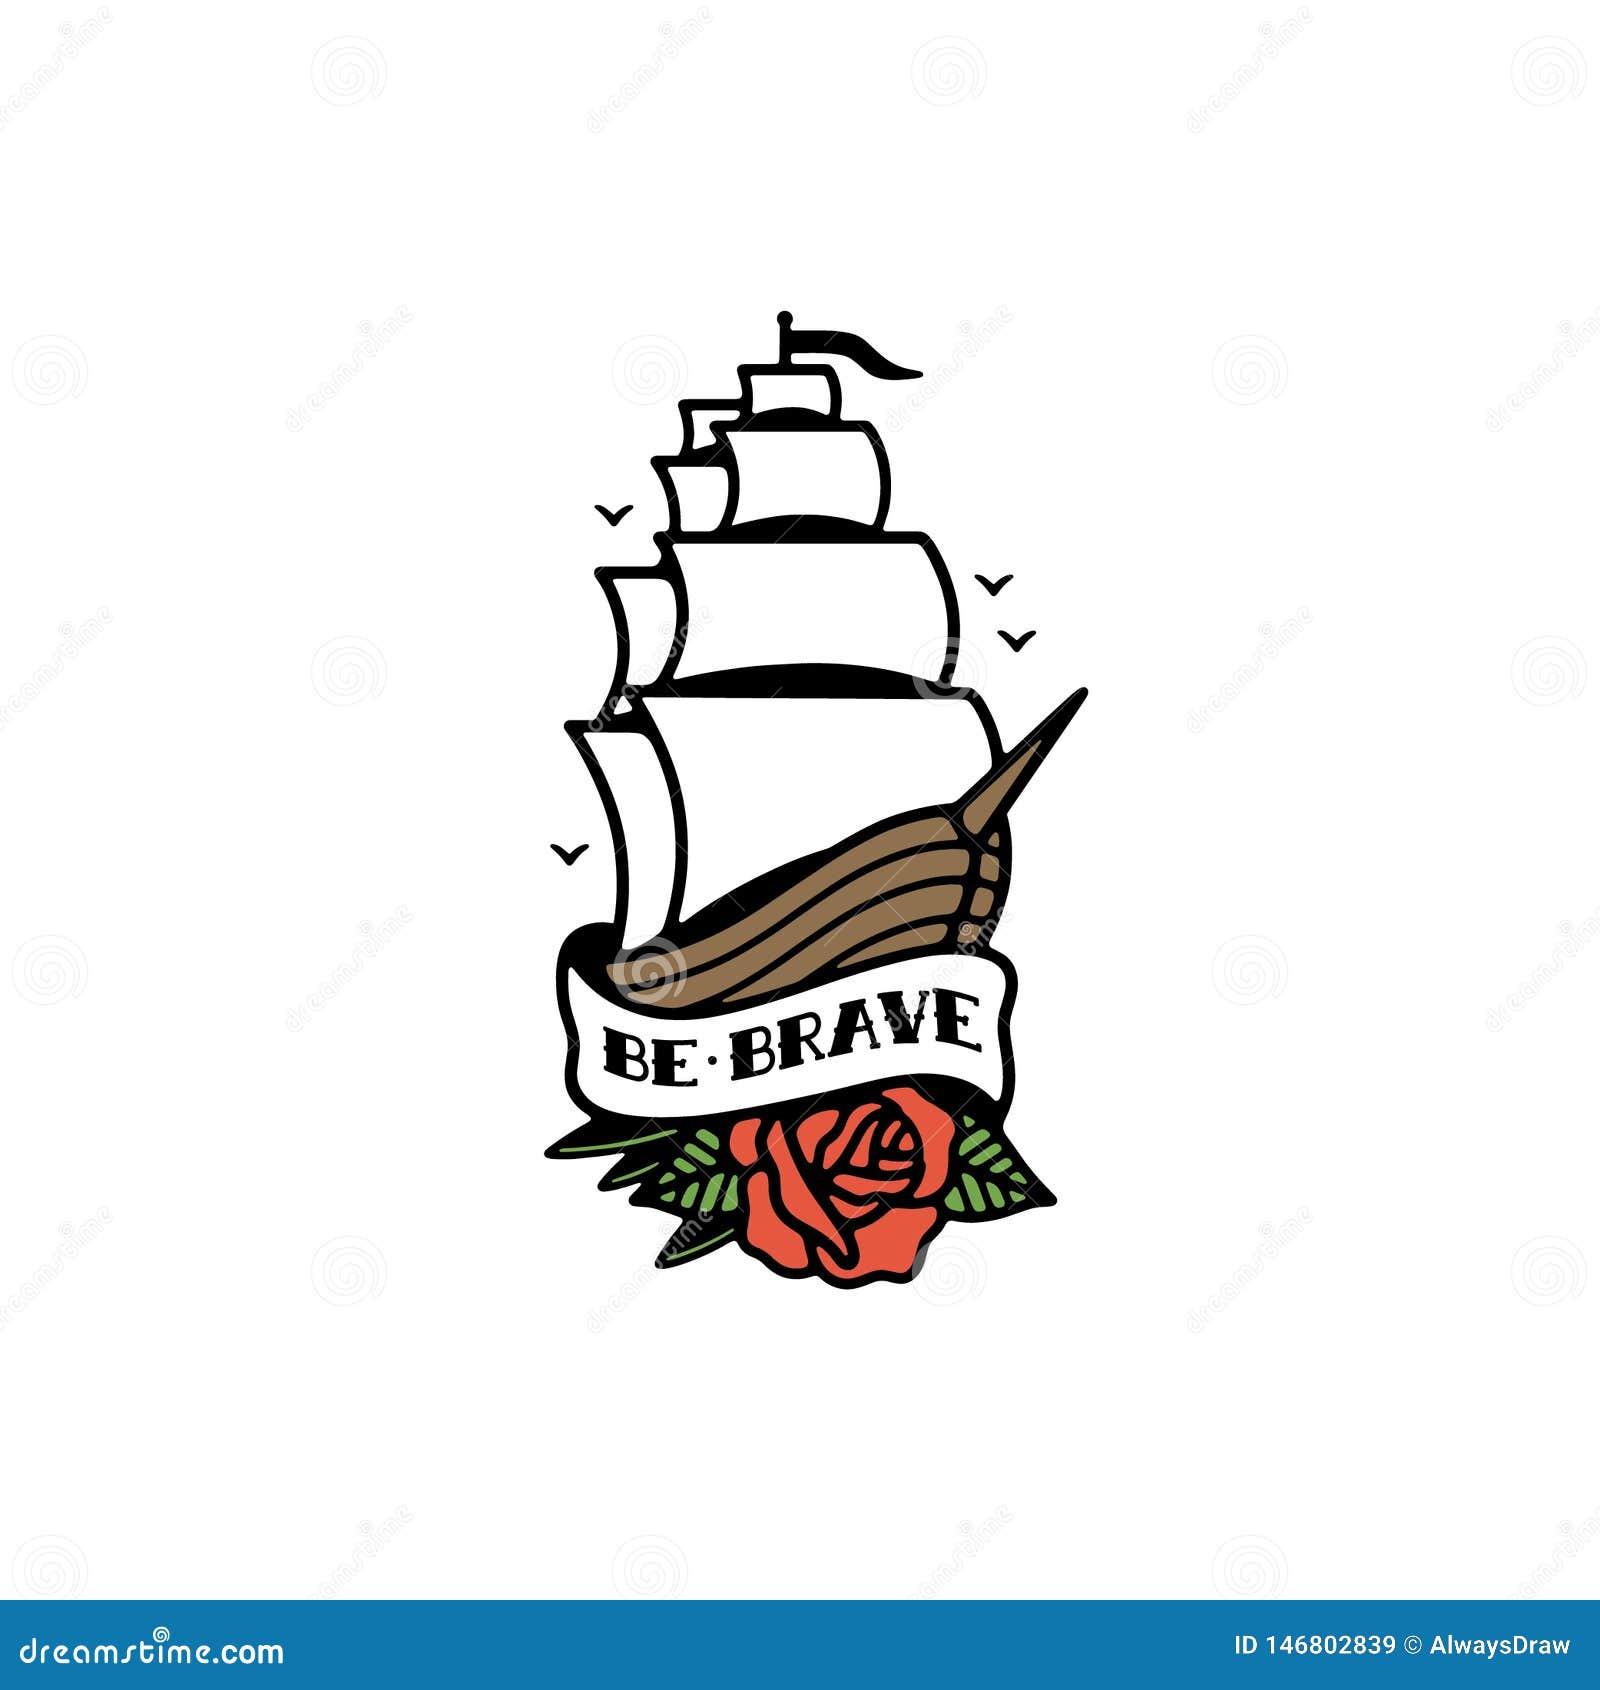 JEST ODWAŻNEGO statku tatuażu koloru TRADYCYJNYM bielem